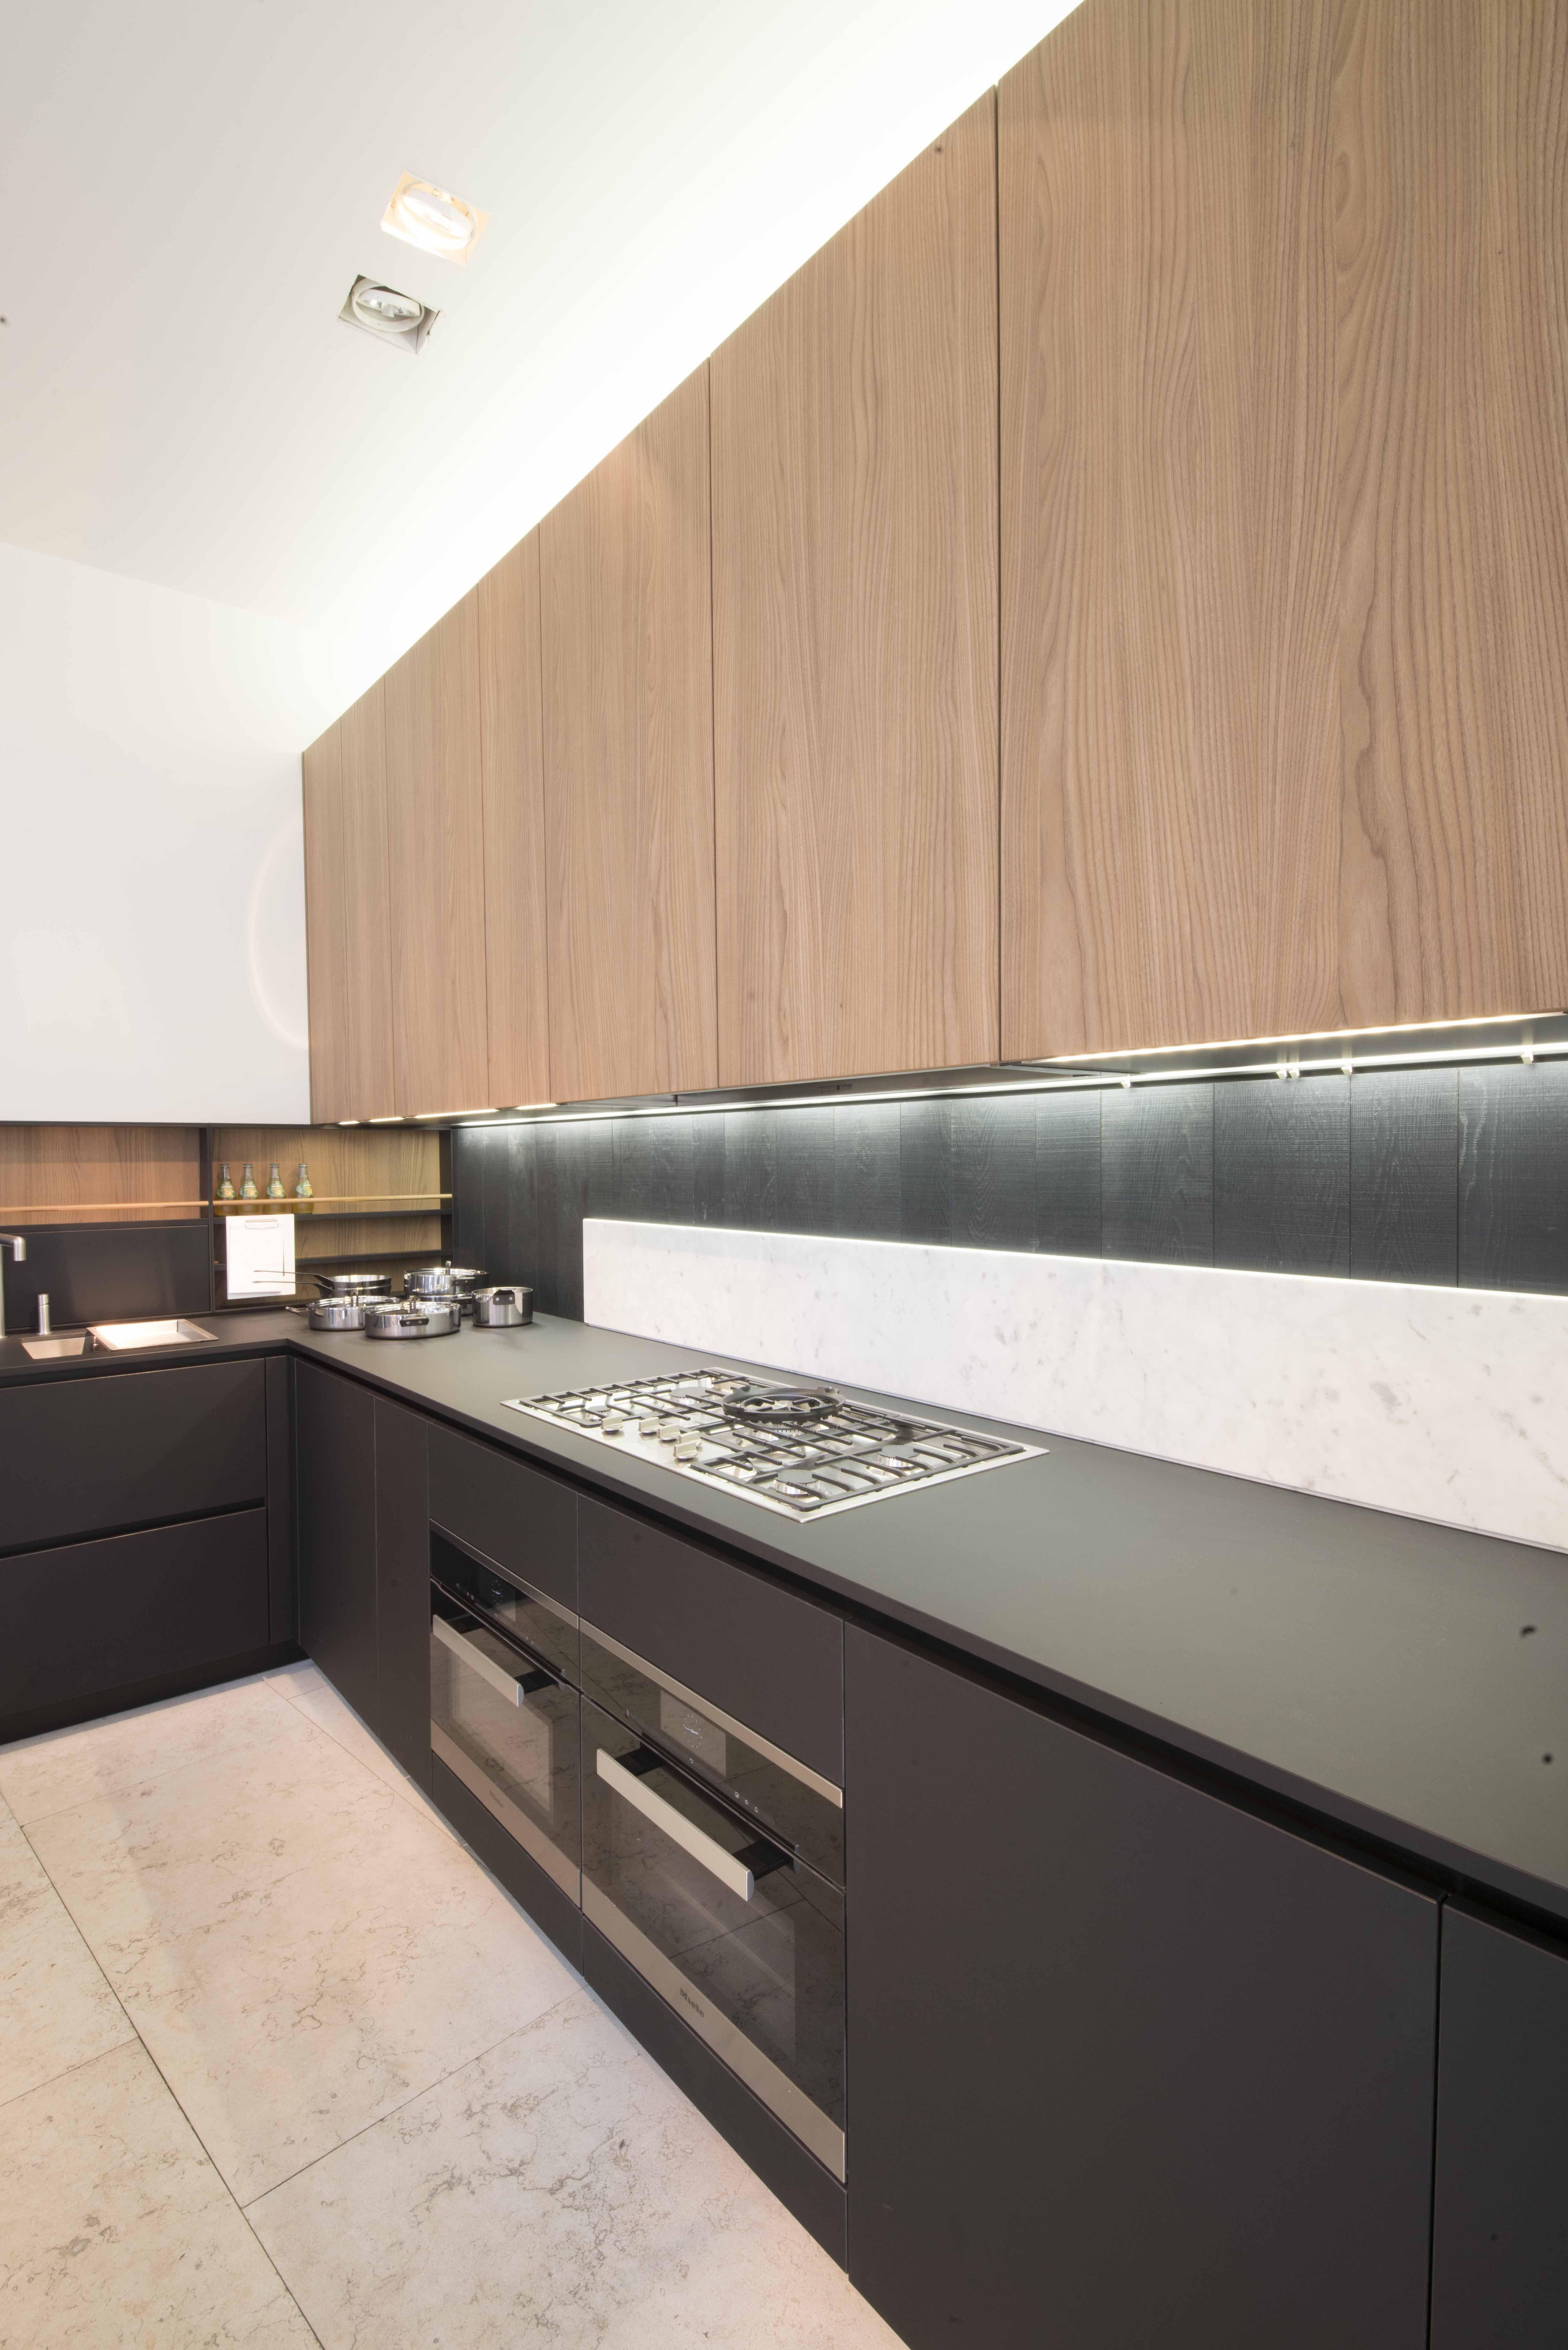 Küchenschranktüren | Kitchen Minimalist Transparent Glass Kitchen Wall